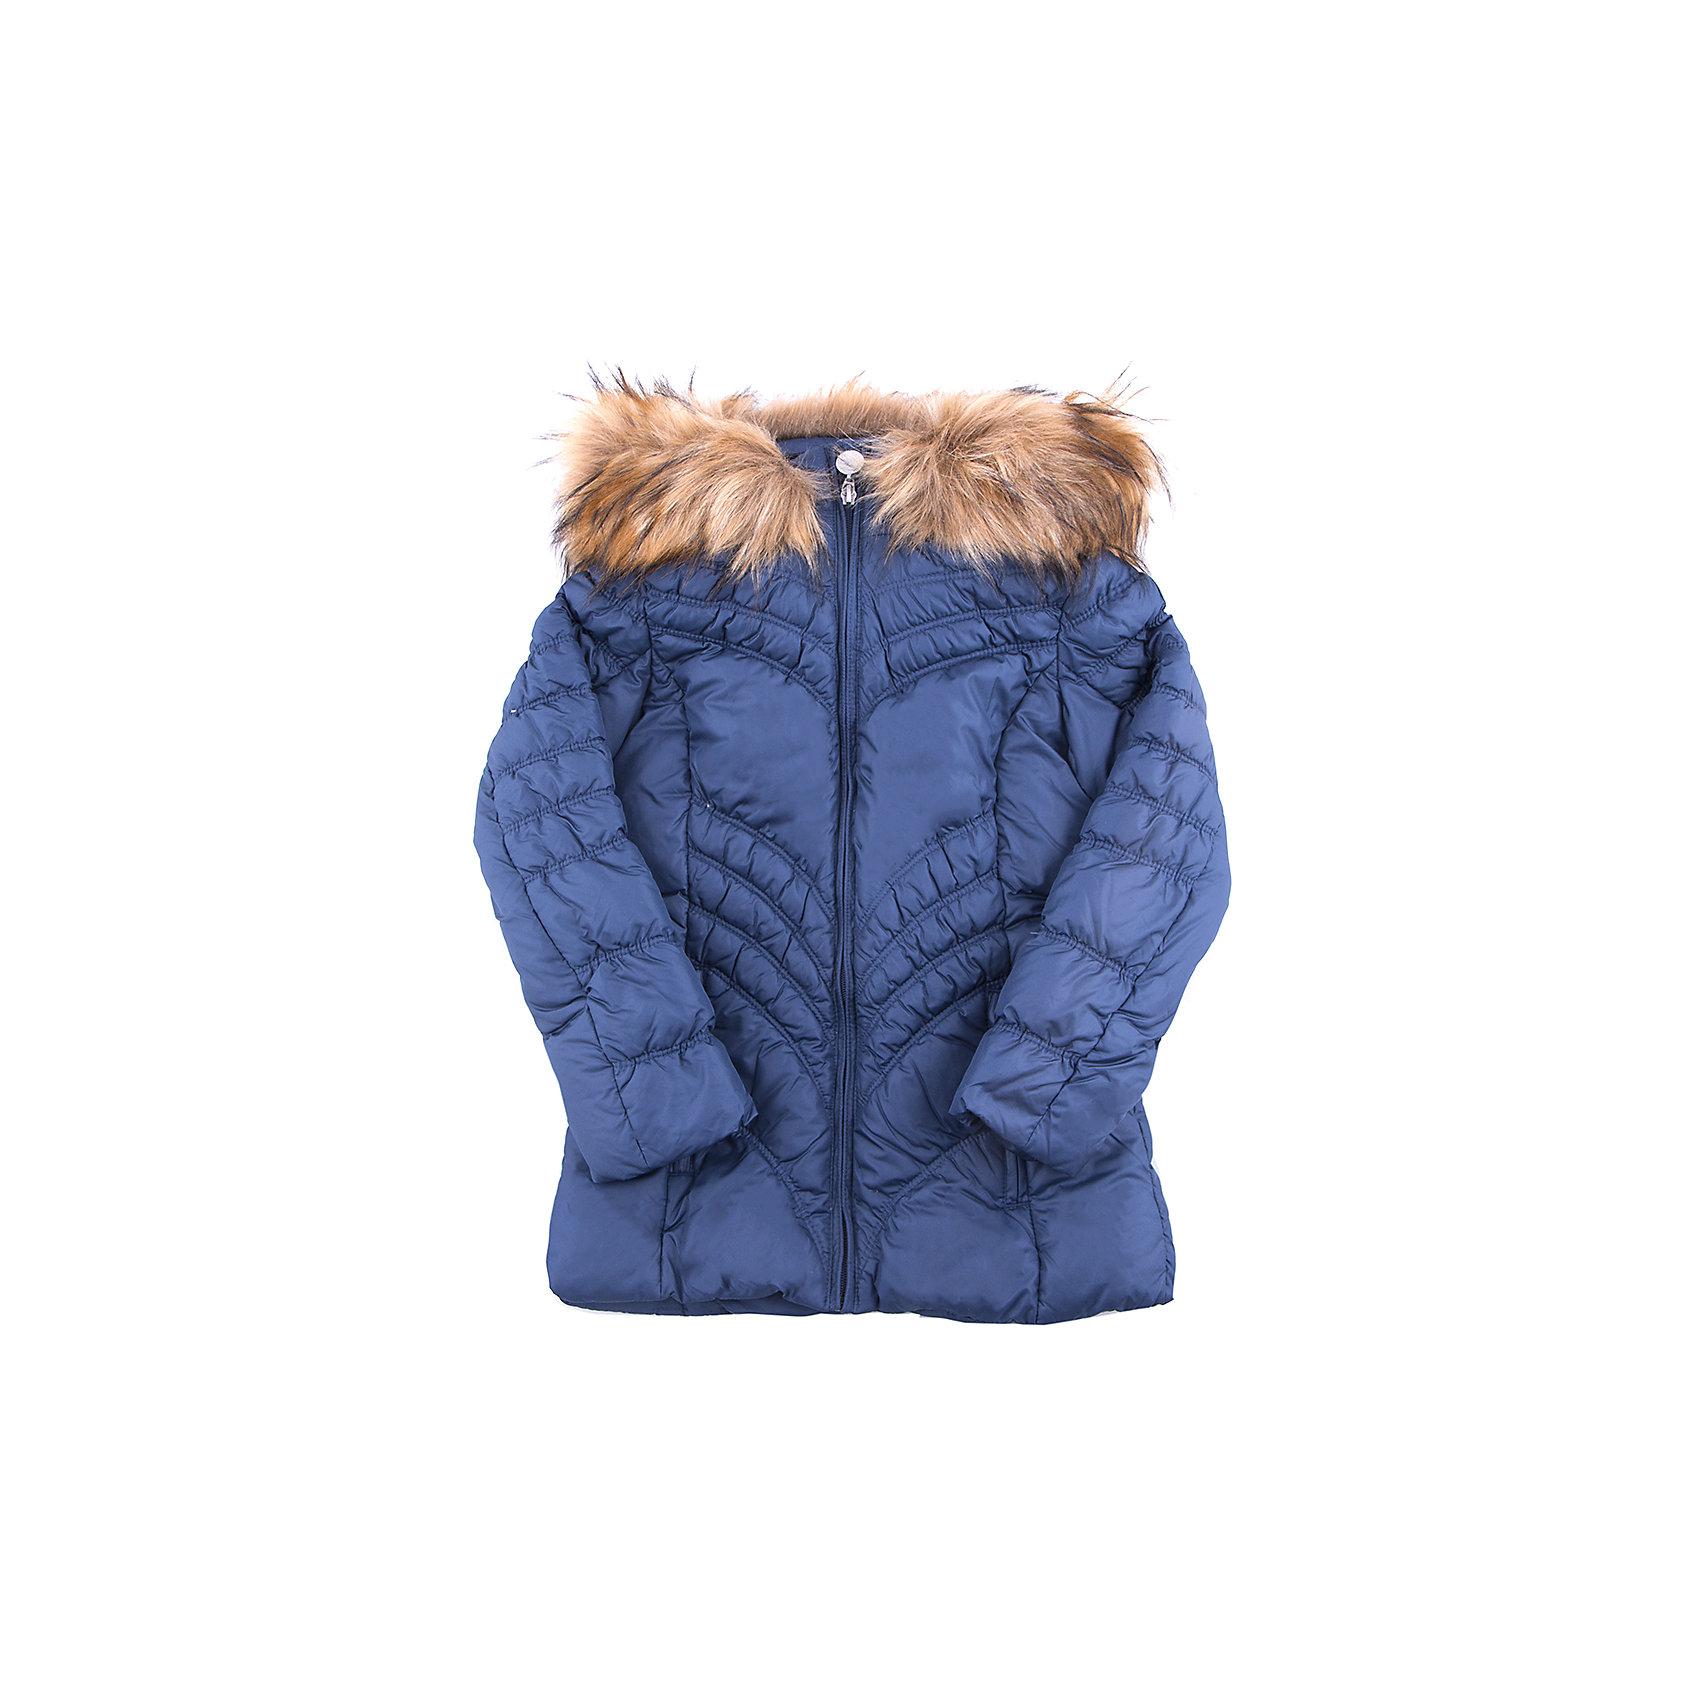 Куртка для девочки LUHTAОдежда<br>Куртка для девочки LUHTA. <br><br>Состав: 100% полиэстер <br><br>Куртка с отстегивающимся капюшоном<br>Искусственный мех<br>Элегантный силуэт<br>Декоративная прострочка<br>Боковые карманы на молнии<br>Водоотталкивающее покрытие, <br>Утепление 280 гр., утеплитель 50% пух/перо, 50% искусственный утеплитель<br>Рекомендуемый температурный режим до -30 °.<br><br>Термометр, показывающий температуру внутри верхней одежды. <br><br>Технологии: <br>LUHTA WATER REPELLENT<br>Водоотталкивающая пропитка - долговременная, специально обработанная водоотталкивающими средствами ткань.<br>LUHTA SAFETY<br>Правила безопасности - изделия бренда LUHTA произведены в полном соответствии с требованиями безопасности для детей: отстегивающийся капюшон, безопасная утягивающаяся тесьма в кармашках, светоотражатели.<br> LUHTA TEMPERATURE CONTROL<br>Система термоконтроля - позволяет проверить температуру тела вашего ребенка по встроенному в одежду термометру. Этот термометр показывает температуру внутри куртки - от 22 до 32 - зона комфорта. Информация носит рекоментательный характер. <br>LUHTA DOWN MIX<br>DownMix - идеальное сочетанием пуха (50%) и утеплителя (50%). Инновационный утеплитель DownMix представляет собой уникальный баланс этих двух материалов, позволяя сохранить тепло и обеспечить максимальный комфорт.<br>LUHTA -30<br>Температурный режим -30 °. Носит рекомендательный характер. Ощущение тепла и холода носят субъективный характер и зависят от индивидуальных особенностей ребенка.<br>Reflectors<br>Эффективные светоотражатели позволят чувствовать себя в безопасности в любых погодных условиях, особенно в темное время суток.<br><br>Ширина мм: 356<br>Глубина мм: 10<br>Высота мм: 245<br>Вес г: 519<br>Цвет: синий<br>Возраст от месяцев: 120<br>Возраст до месяцев: 132<br>Пол: Женский<br>Возраст: Детский<br>Размер: 146,134,158,164,152,140<br>SKU: 4219933